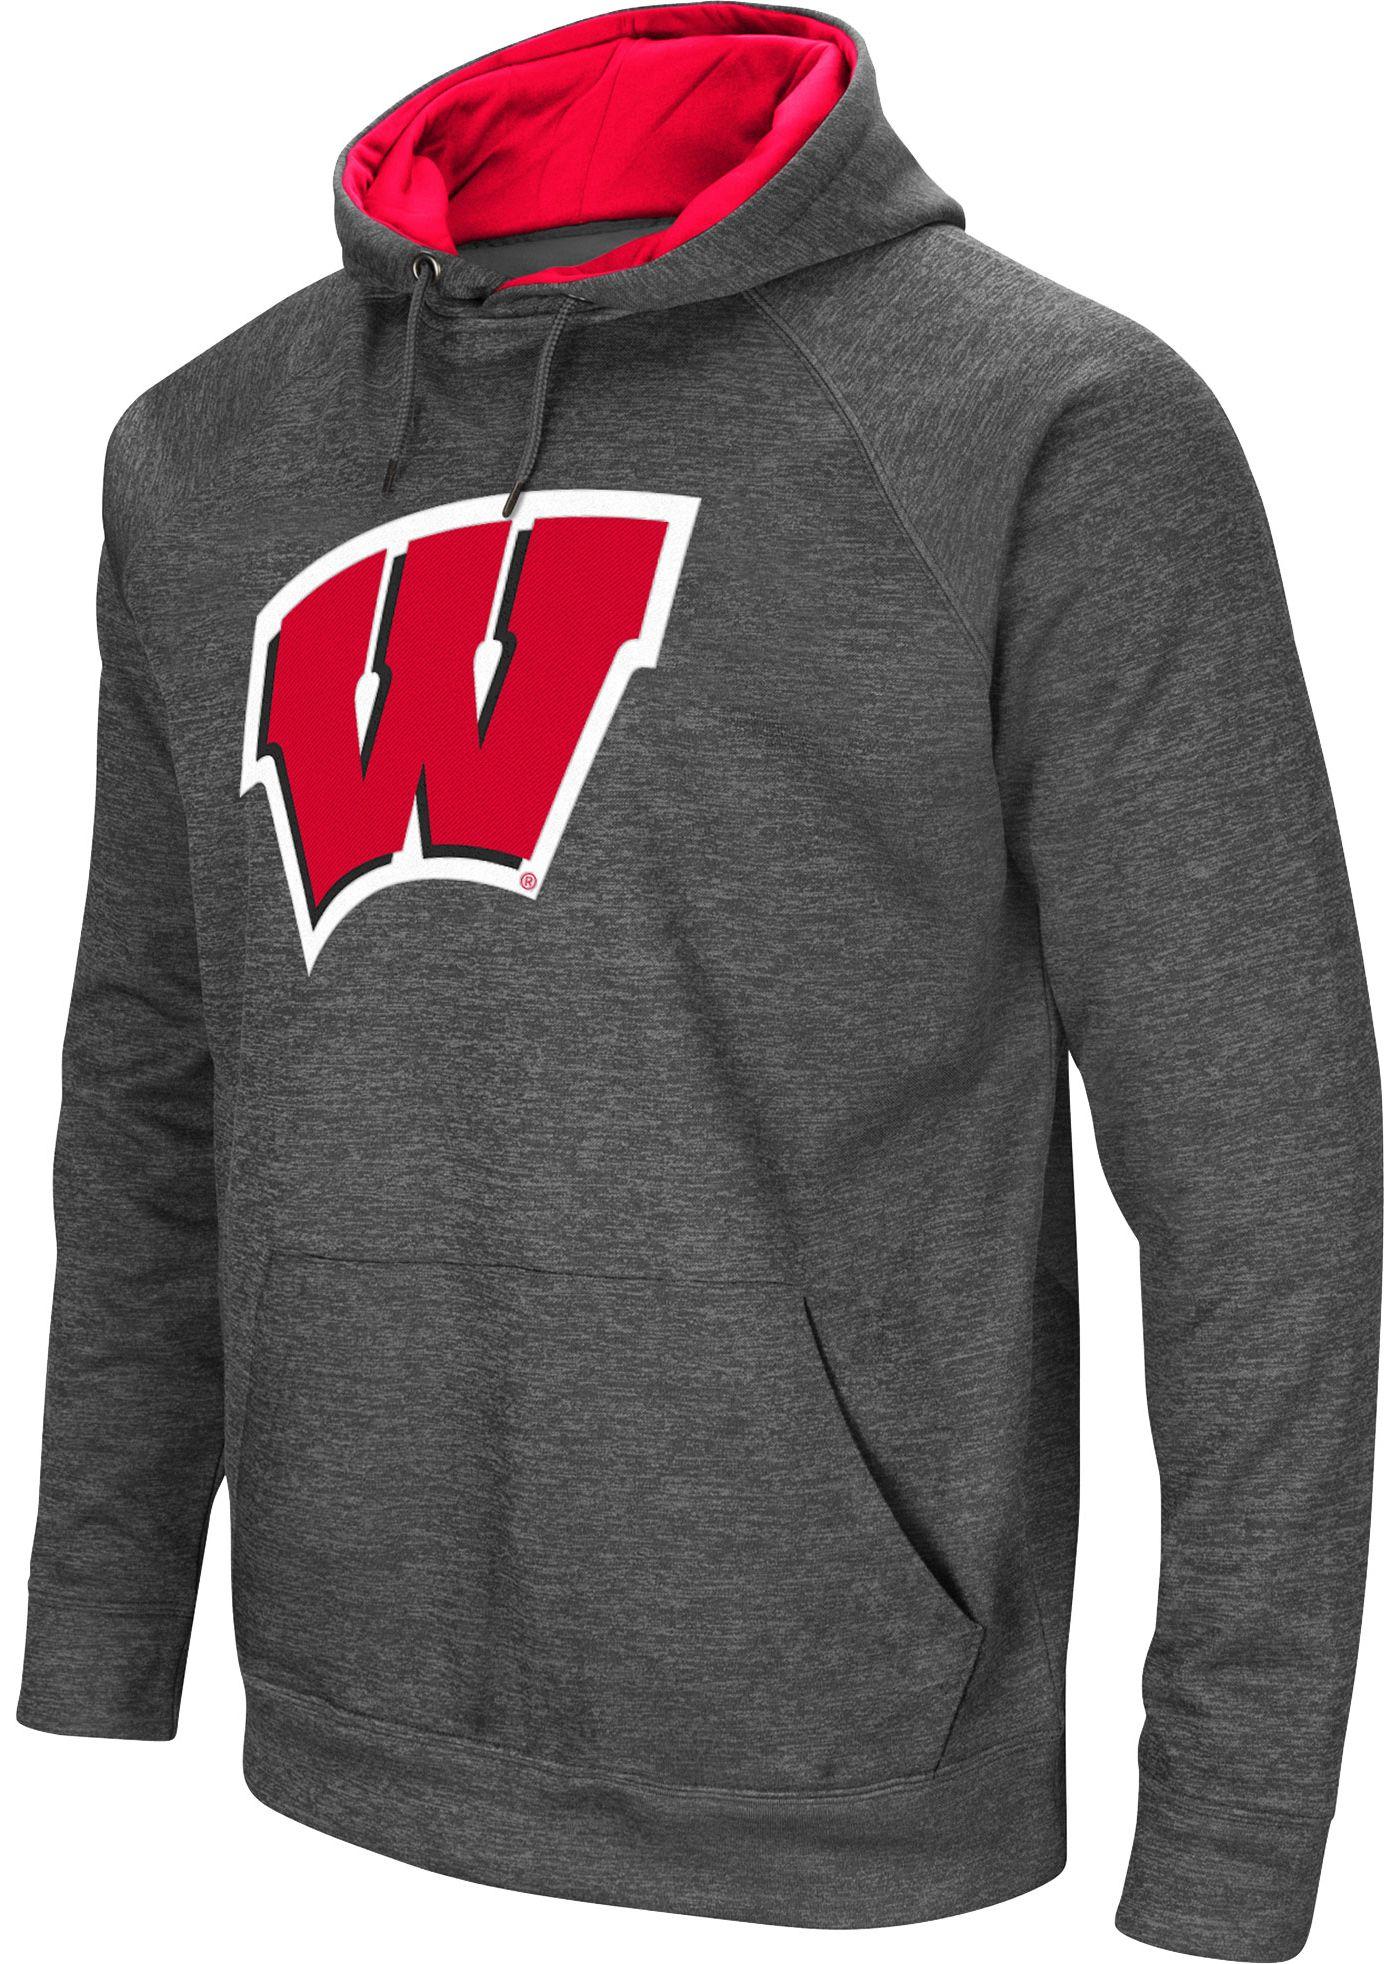 Colosseum Men's Wisconsin Badgers Grey Fleece Pullover Hoodie